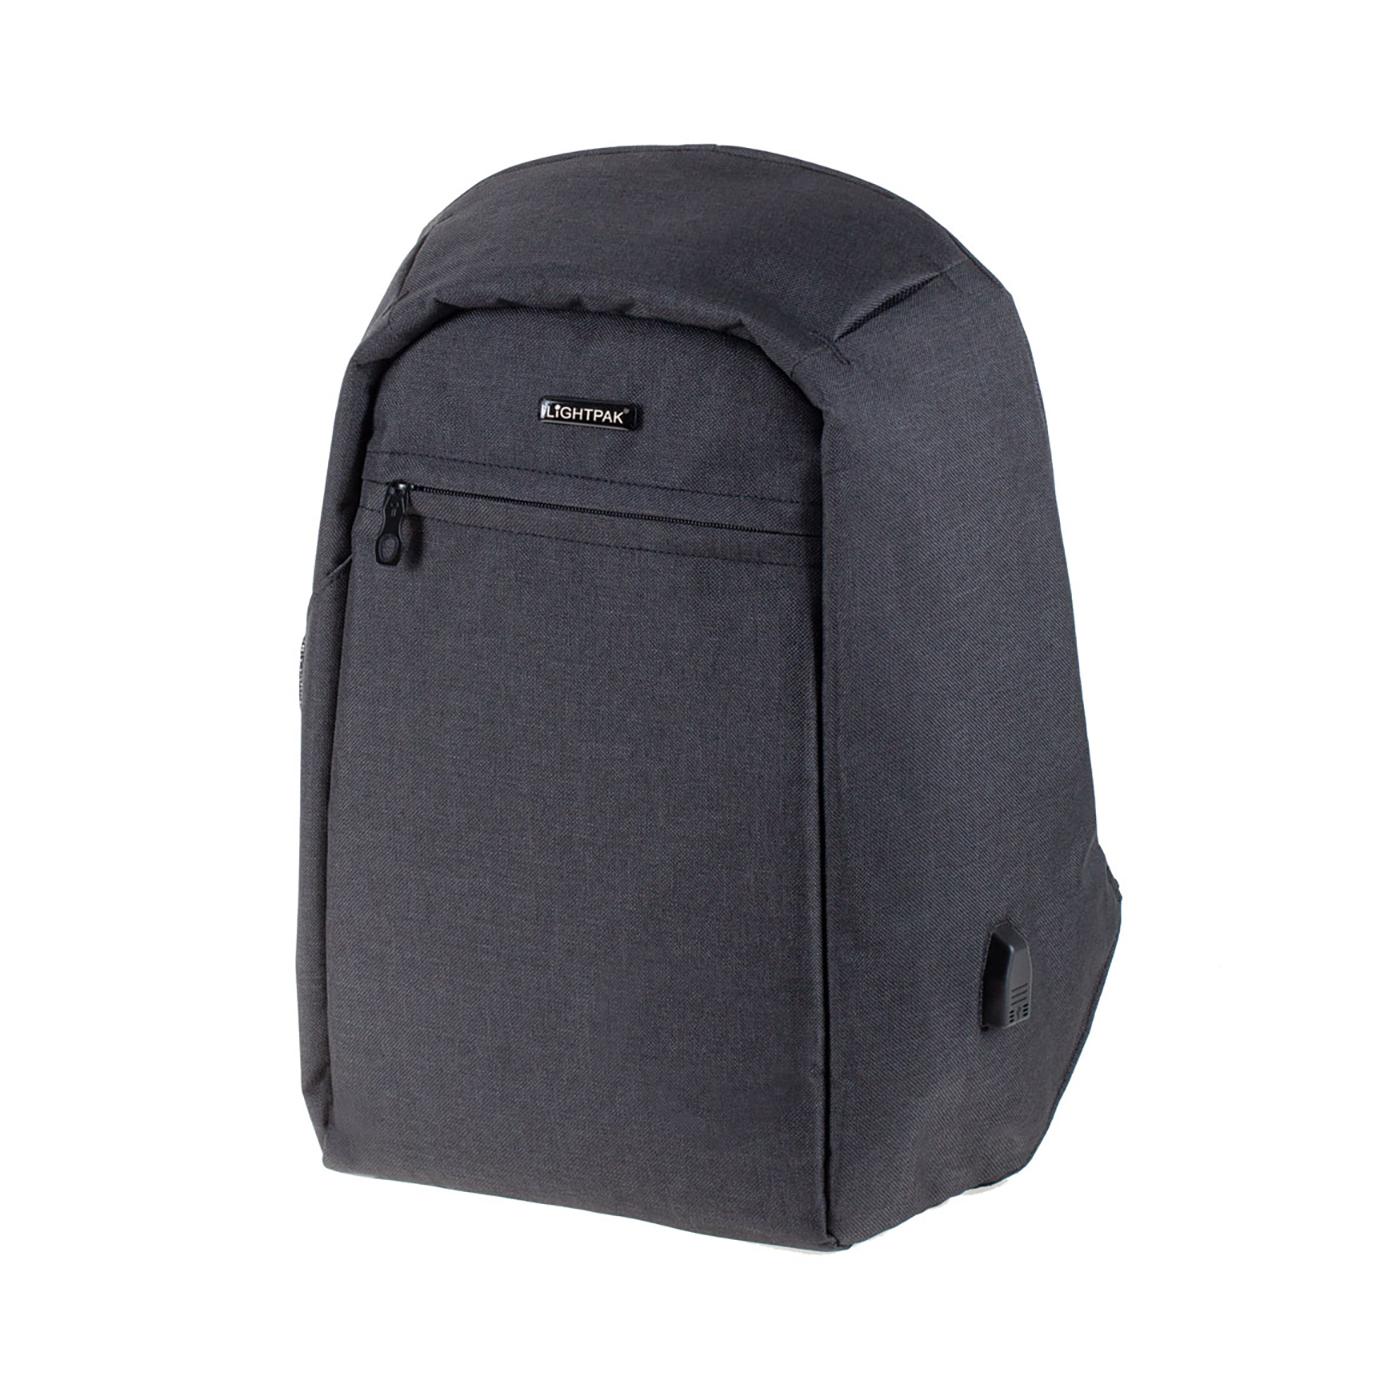 LightPak Safepak Backpack With 12in Laptop Case Nylon Black Ref 46053